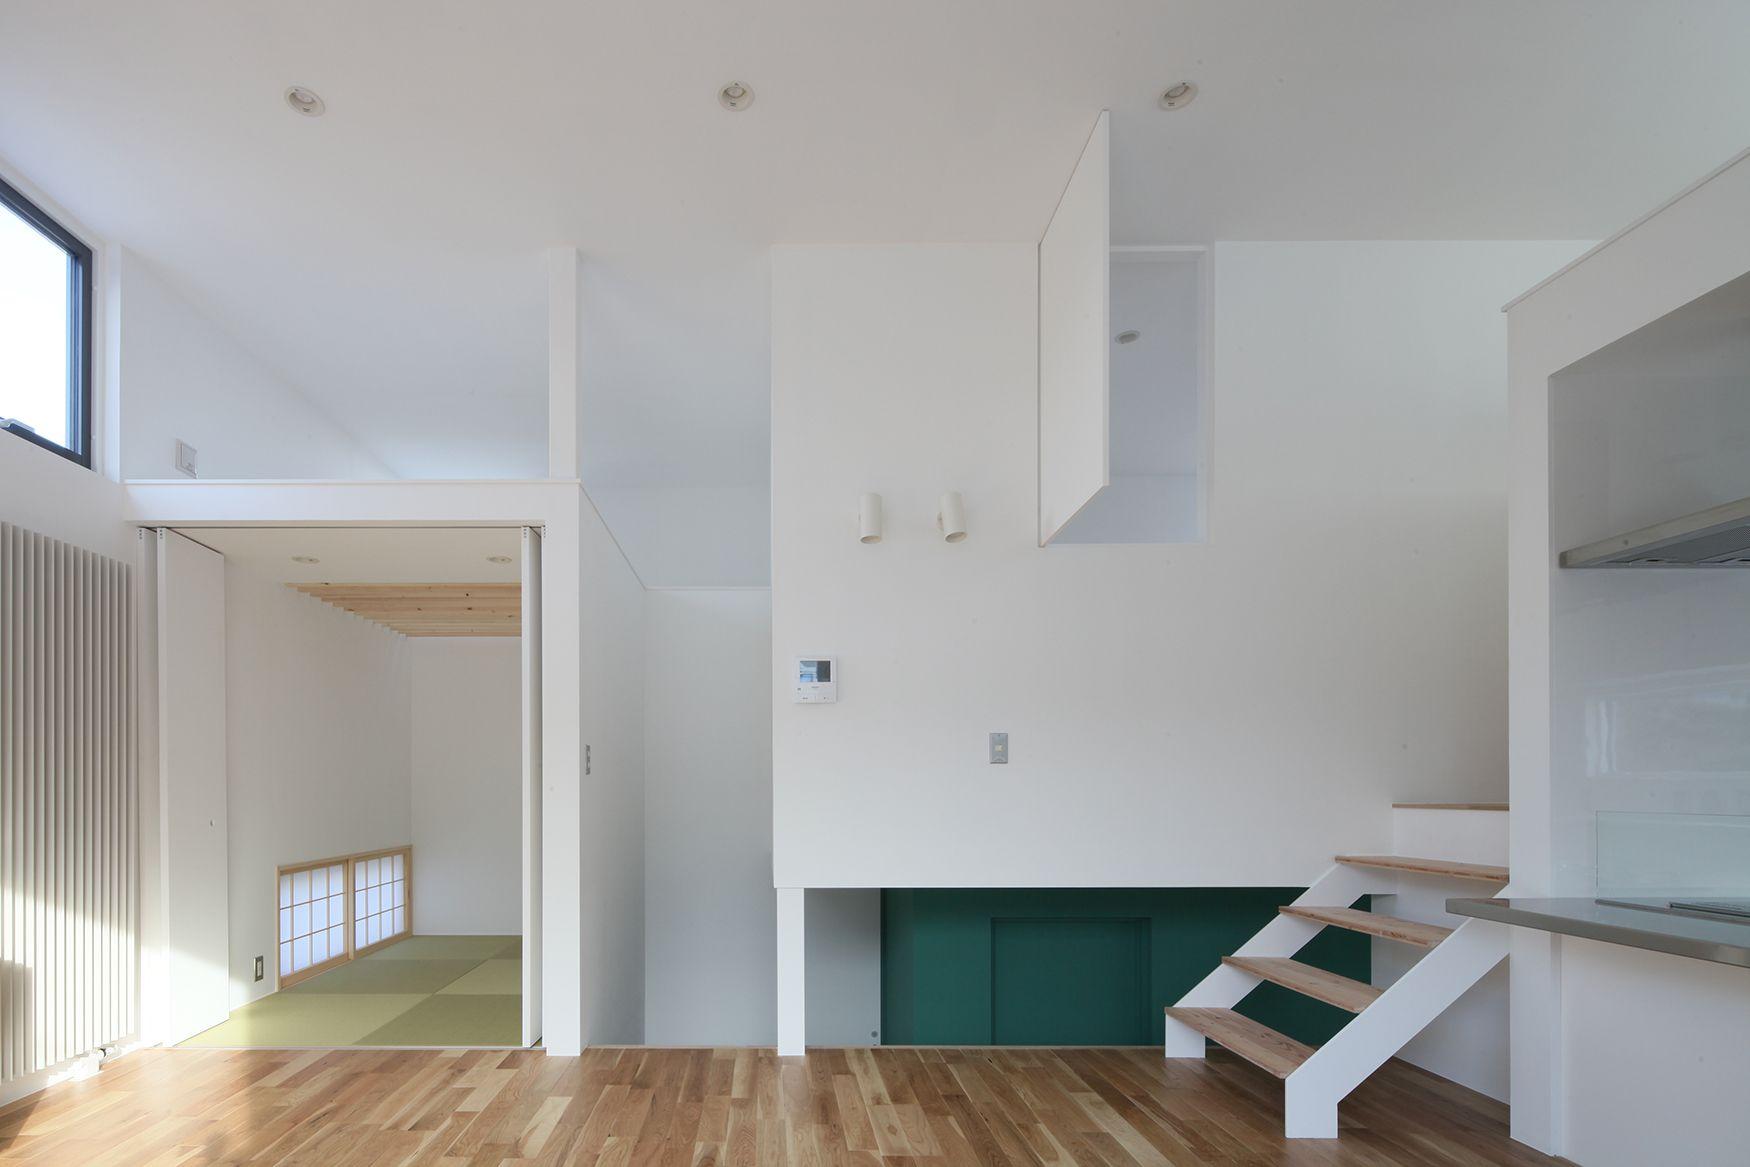 5つのフロアレベルを持つスキップフロア住宅